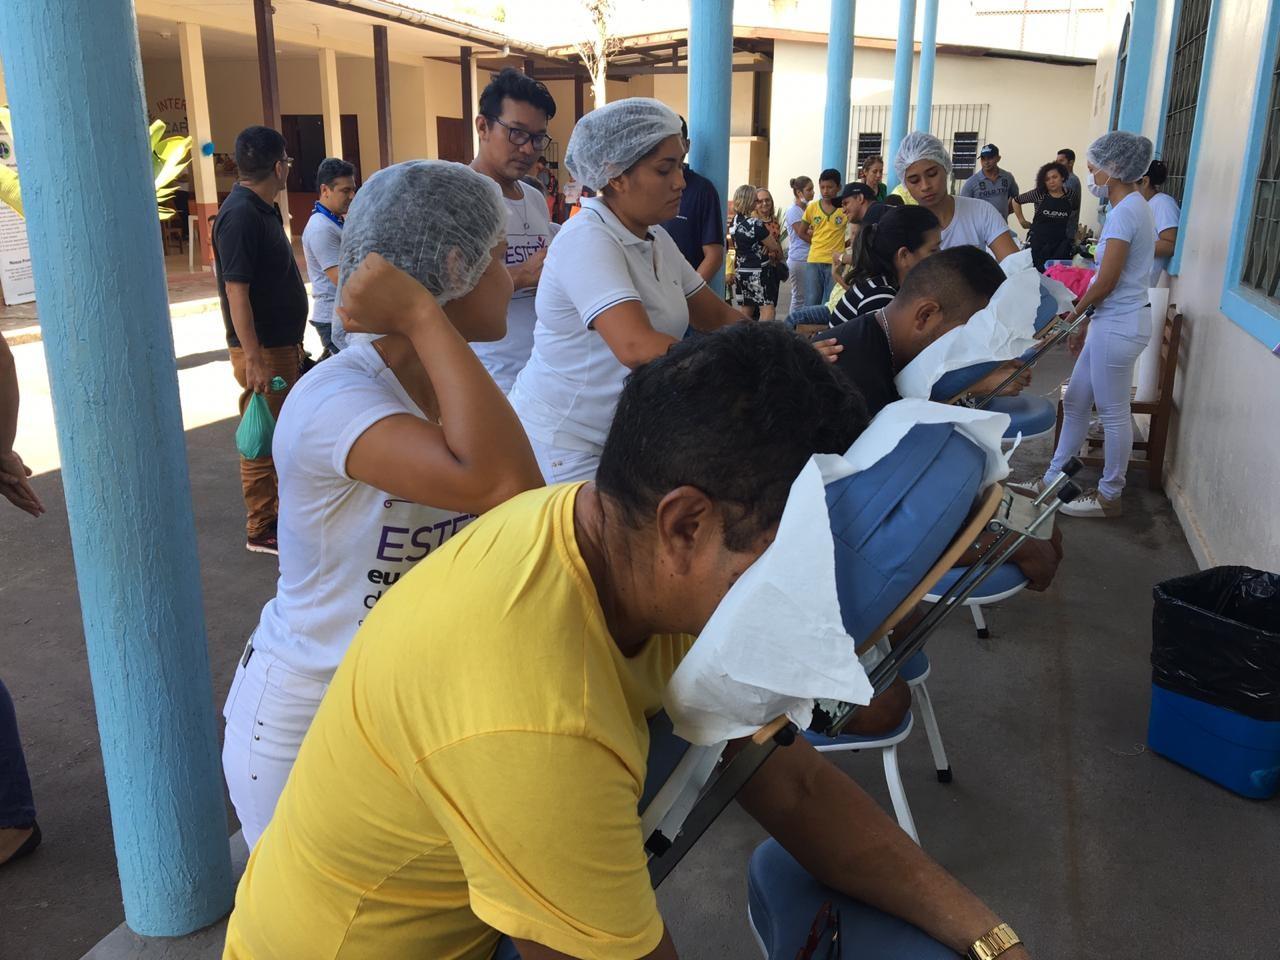 Cerca de 370 pessoas buscam por massagens e cortes de cabelo na 'Ação dos Bandeirantes', no AP - Notícias - Plantão Diário